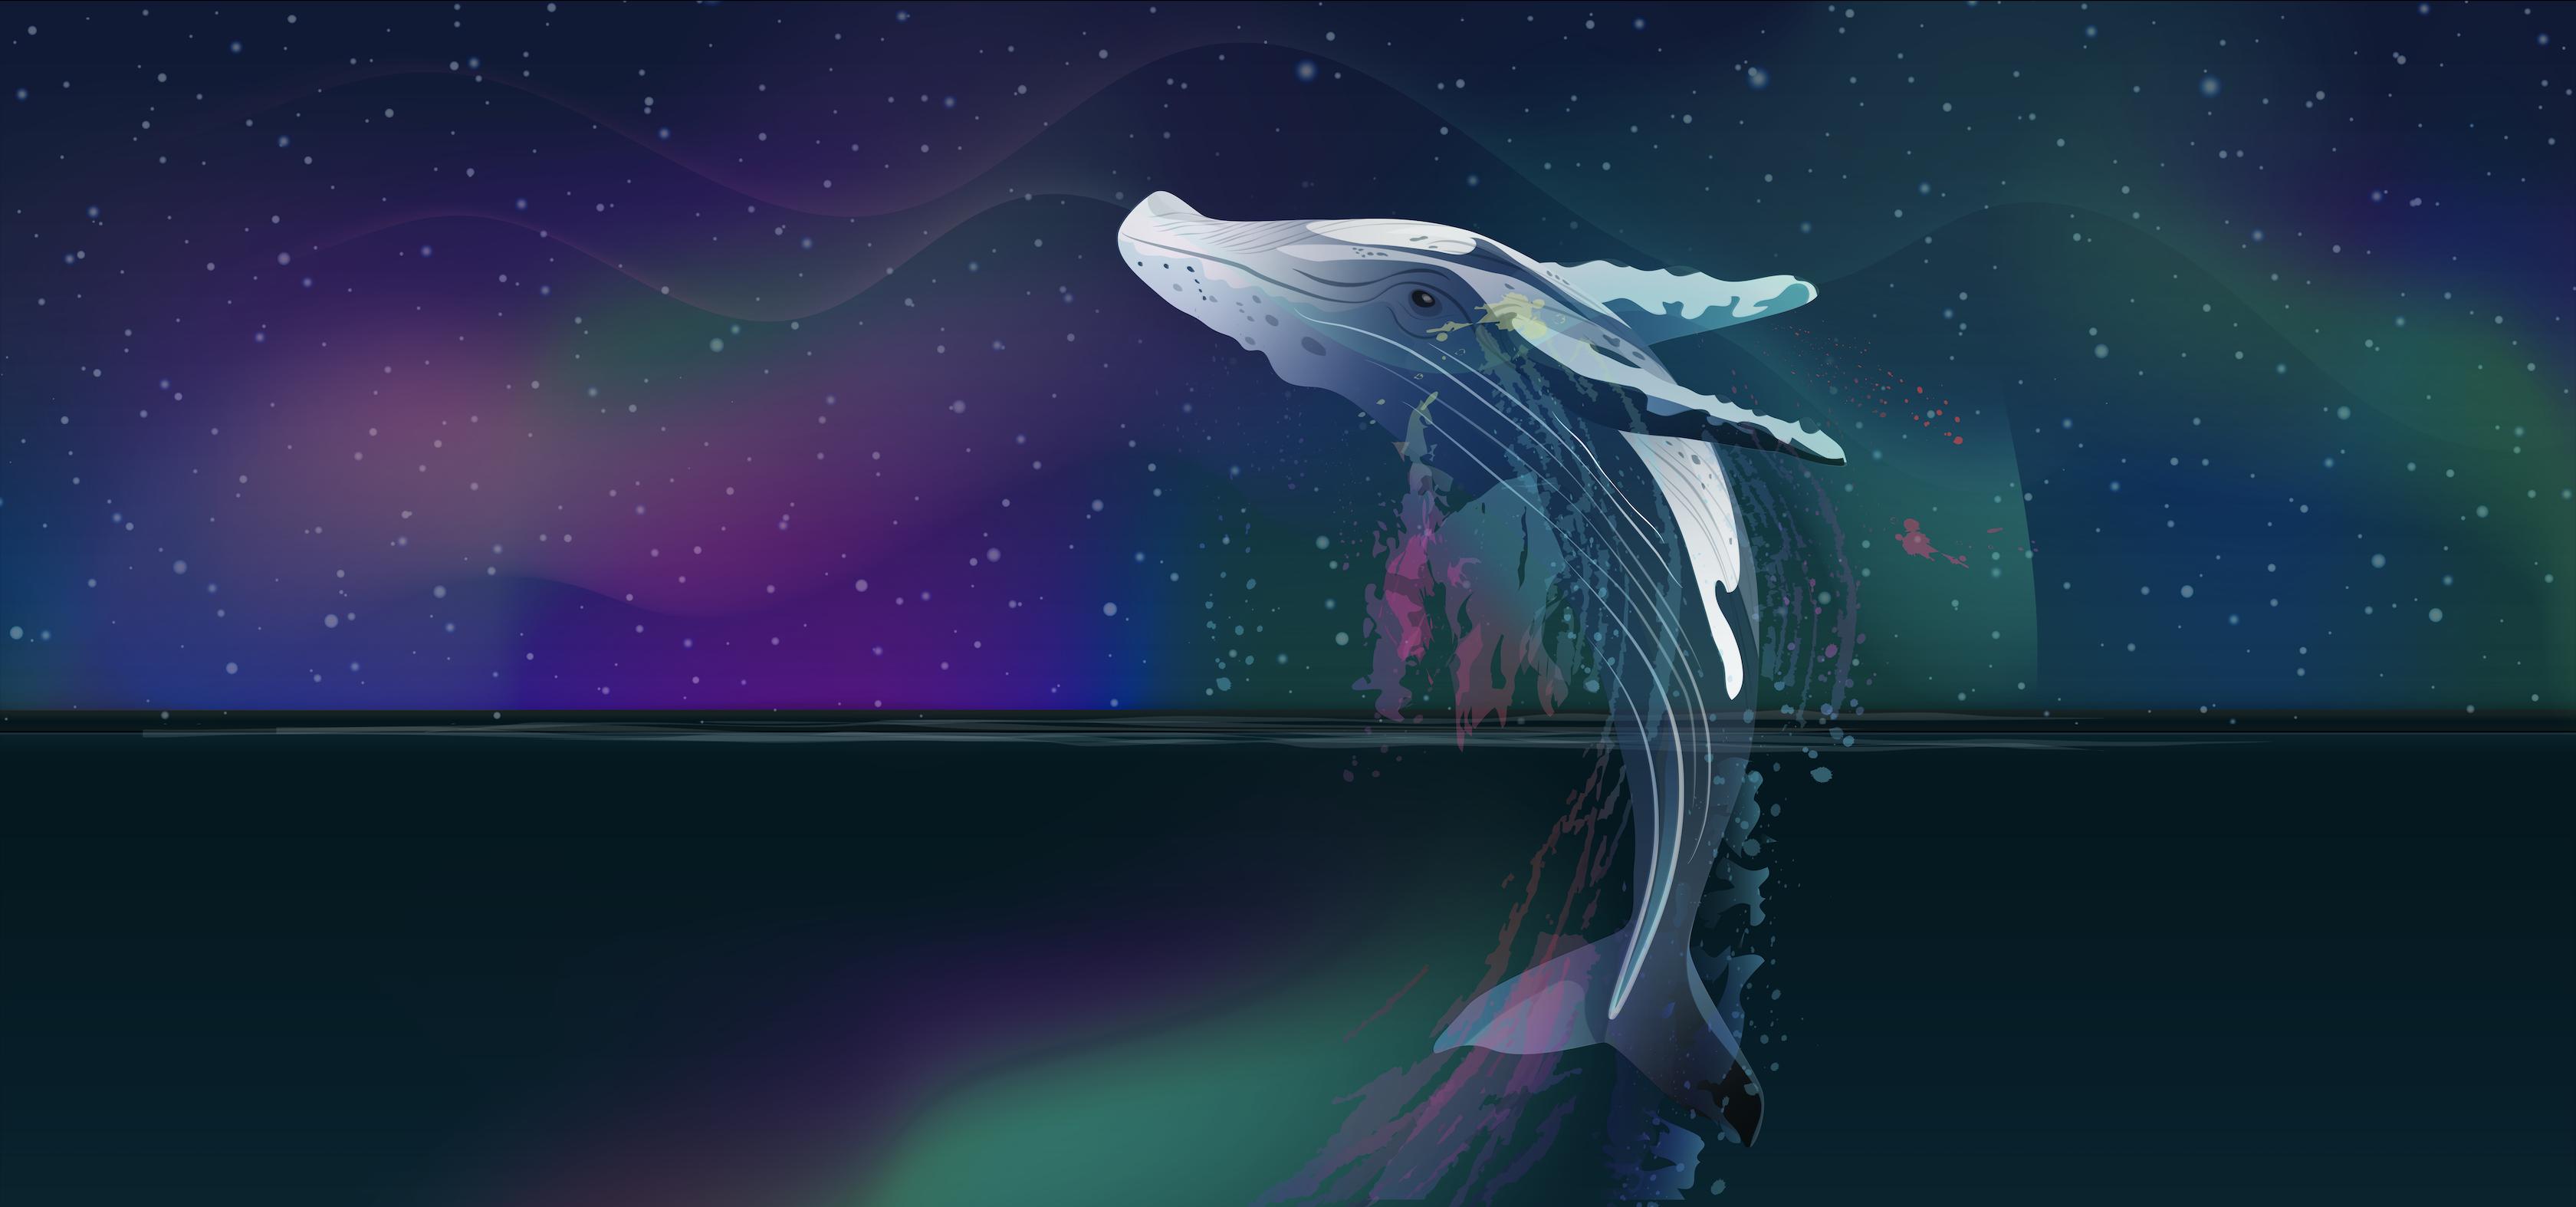 kripto balinalari harekete gecti